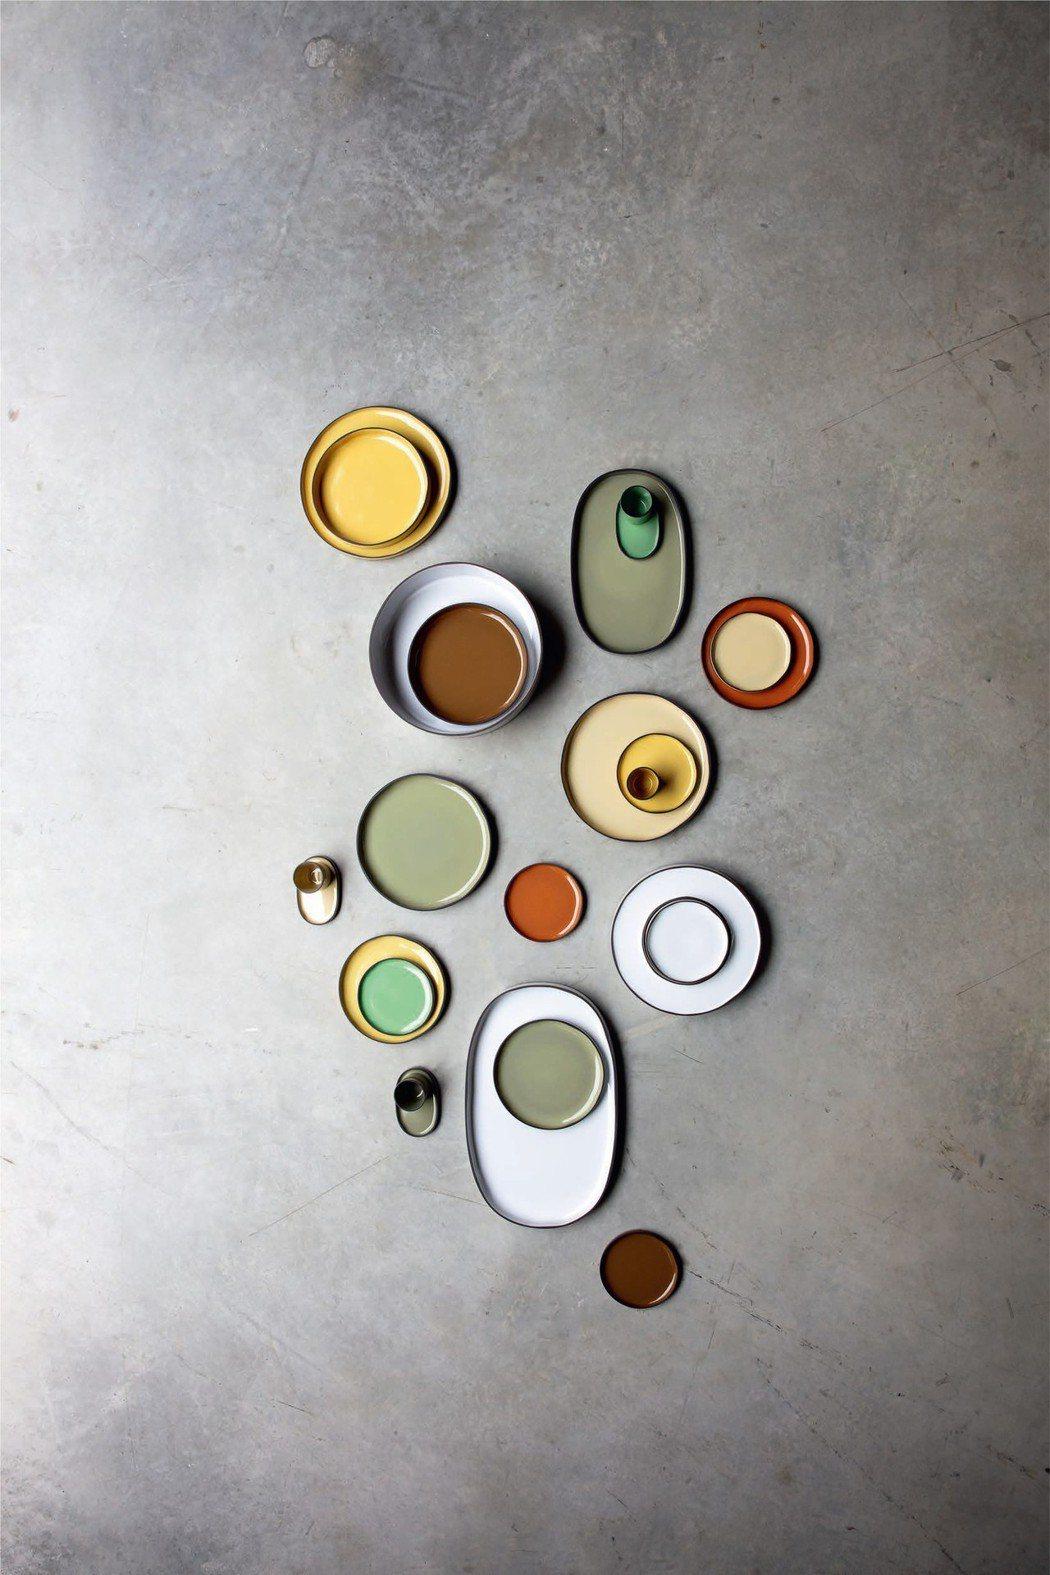 法國瓷器領導品牌REVOL推出2019全新作品:炭色系列餐瓷。 俊欣行股份有限公...